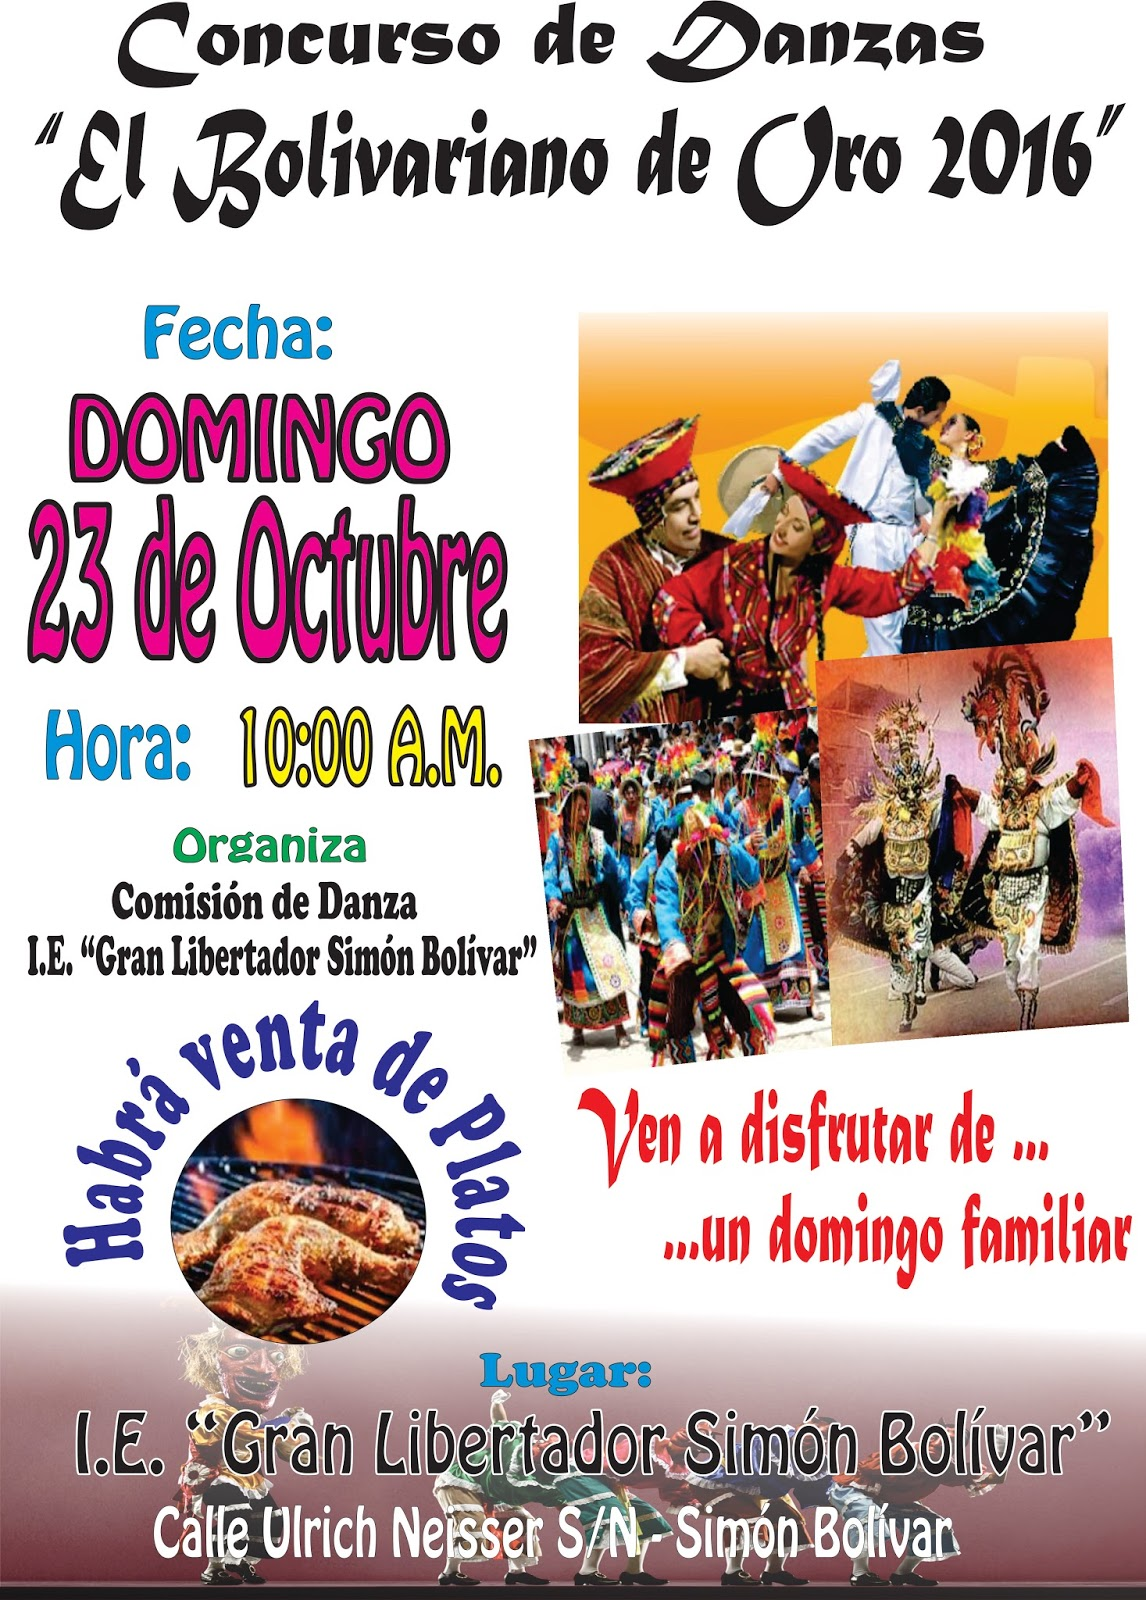 Concurso de danzas el bolivariano de oro 2016 noticias for Curso concurso docente 2016